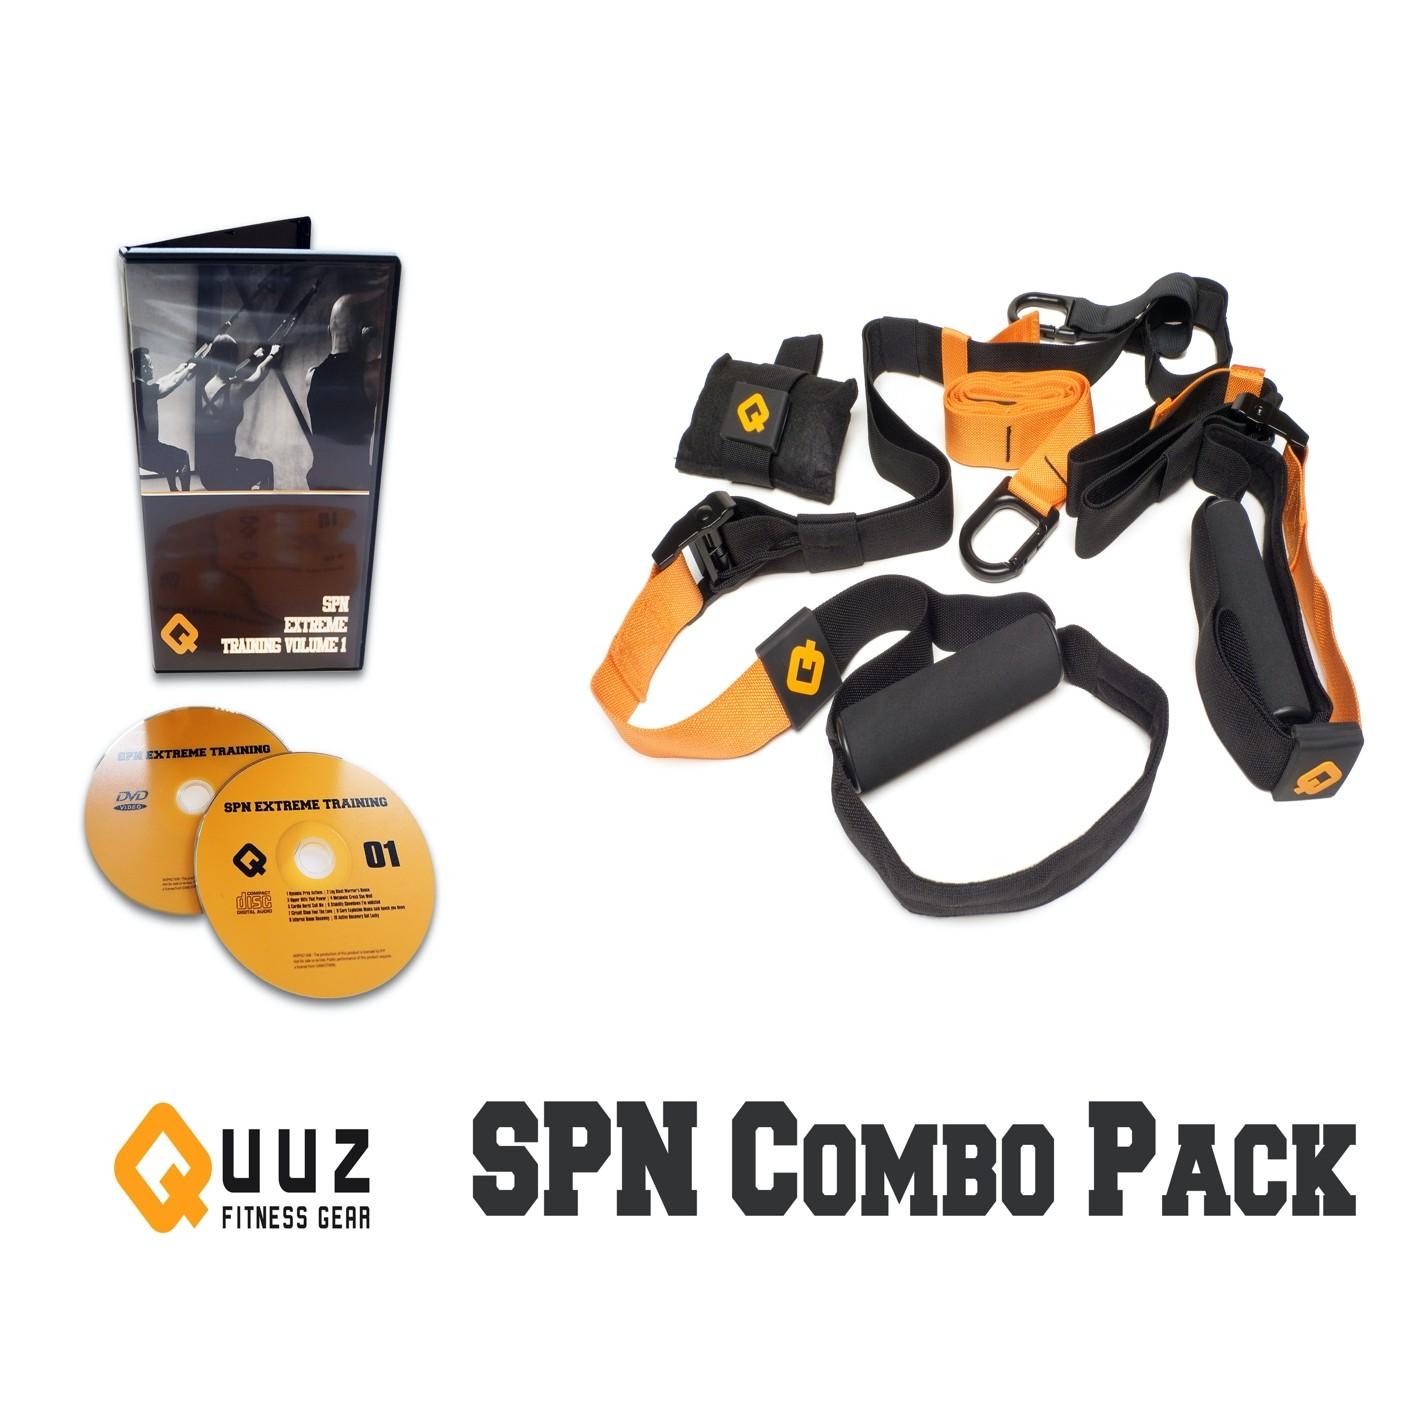 SPN Trainer + CD/DVD Combo Pack